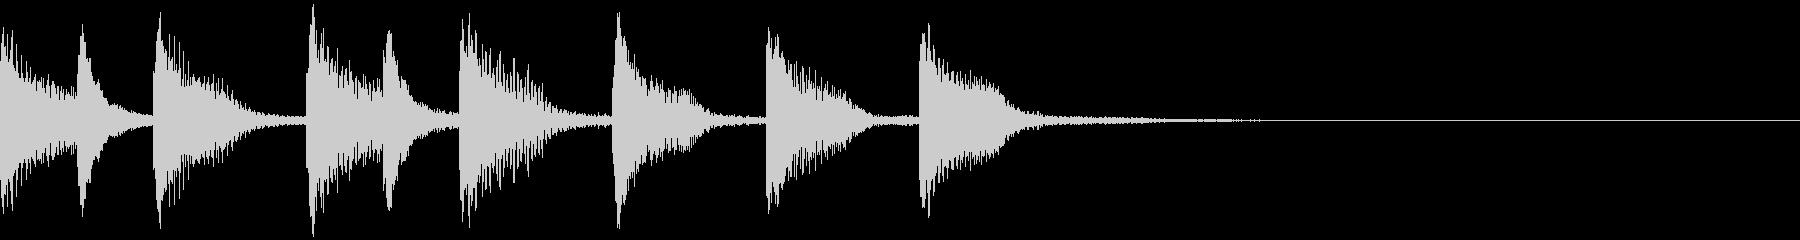 【ジングル】木琴・ほのぼの・日常の未再生の波形